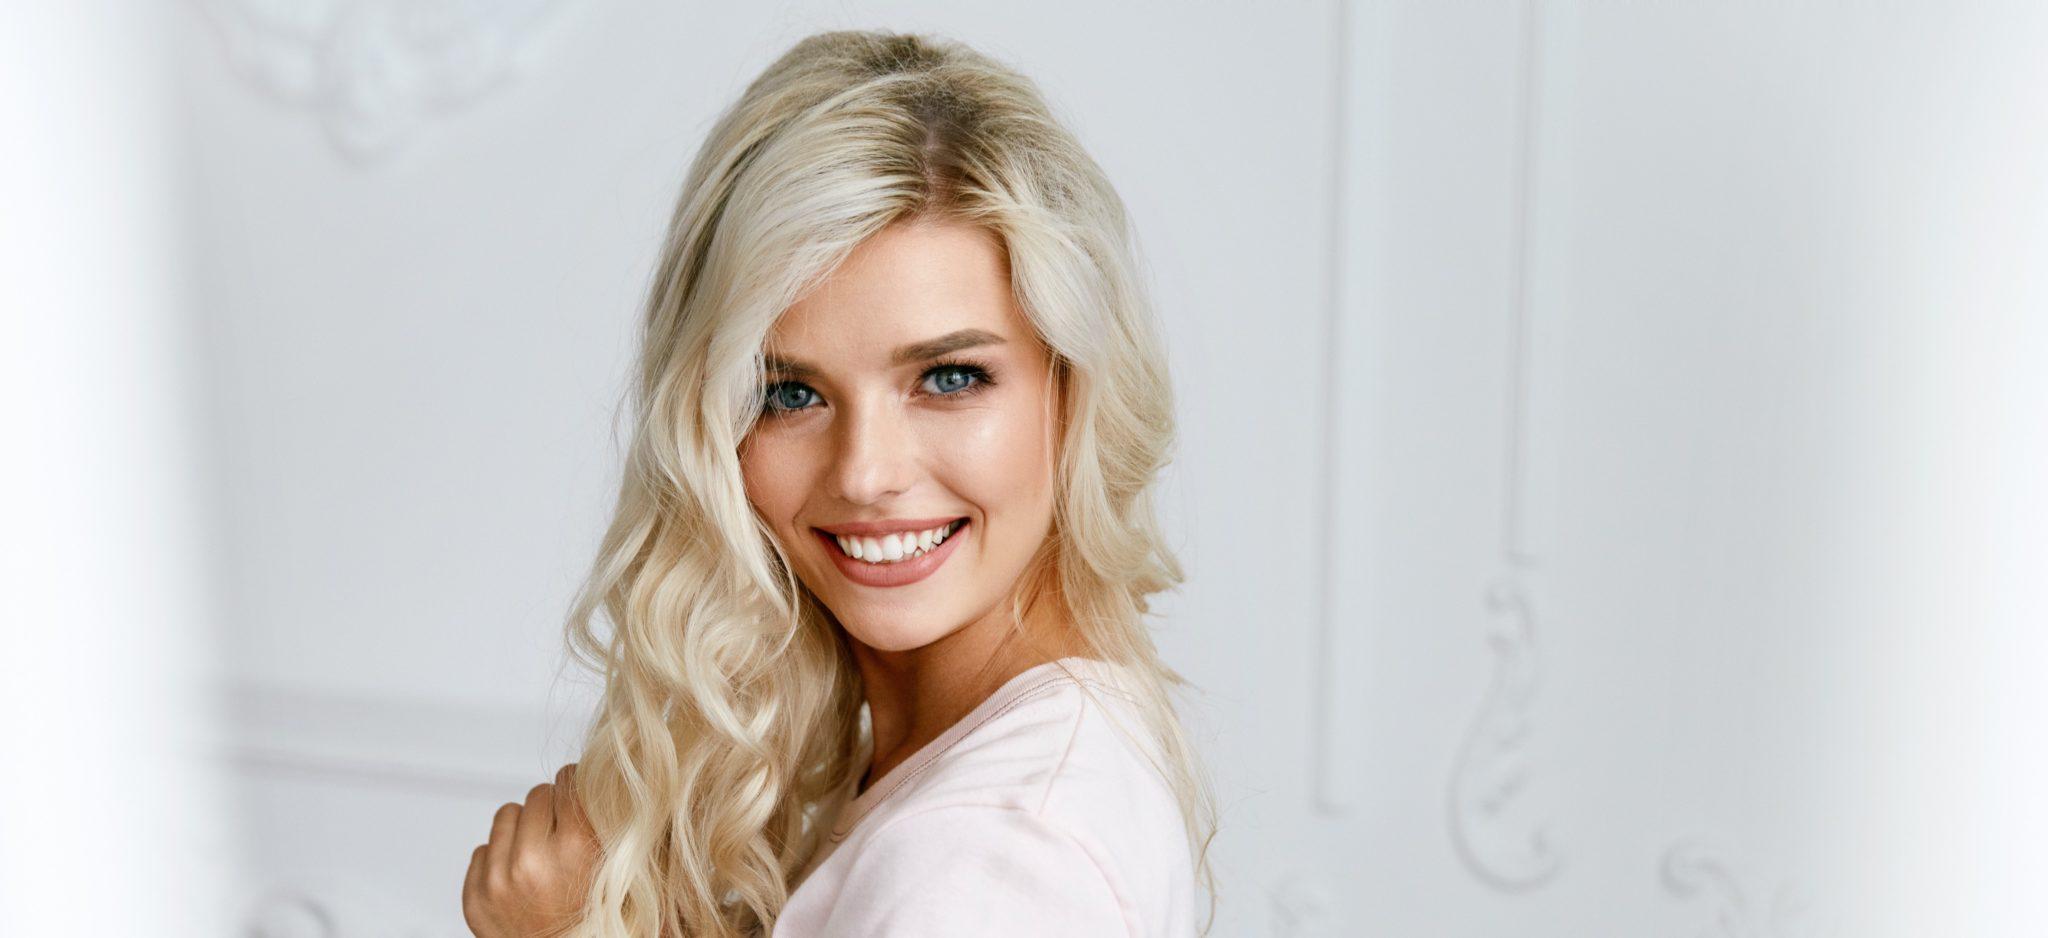 Hübsche Blondine mit lockigen Haaren